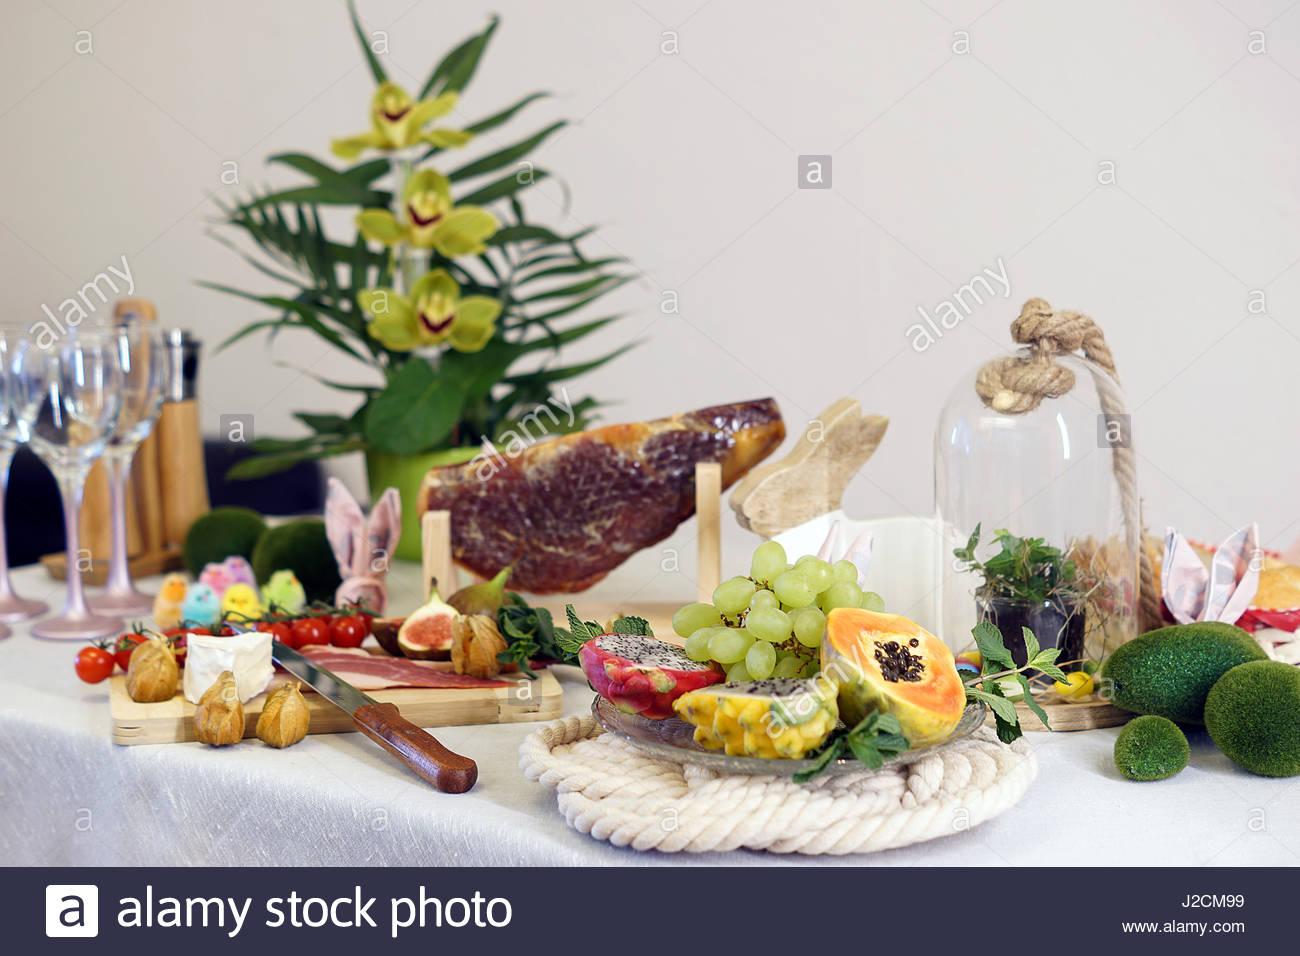 Propagation De Décoration De Table De Pâques. Le Jambon Séché. Les Fruits  Tropicaux. Les œufs Et Les Poussins, Décoration De Fleurs.